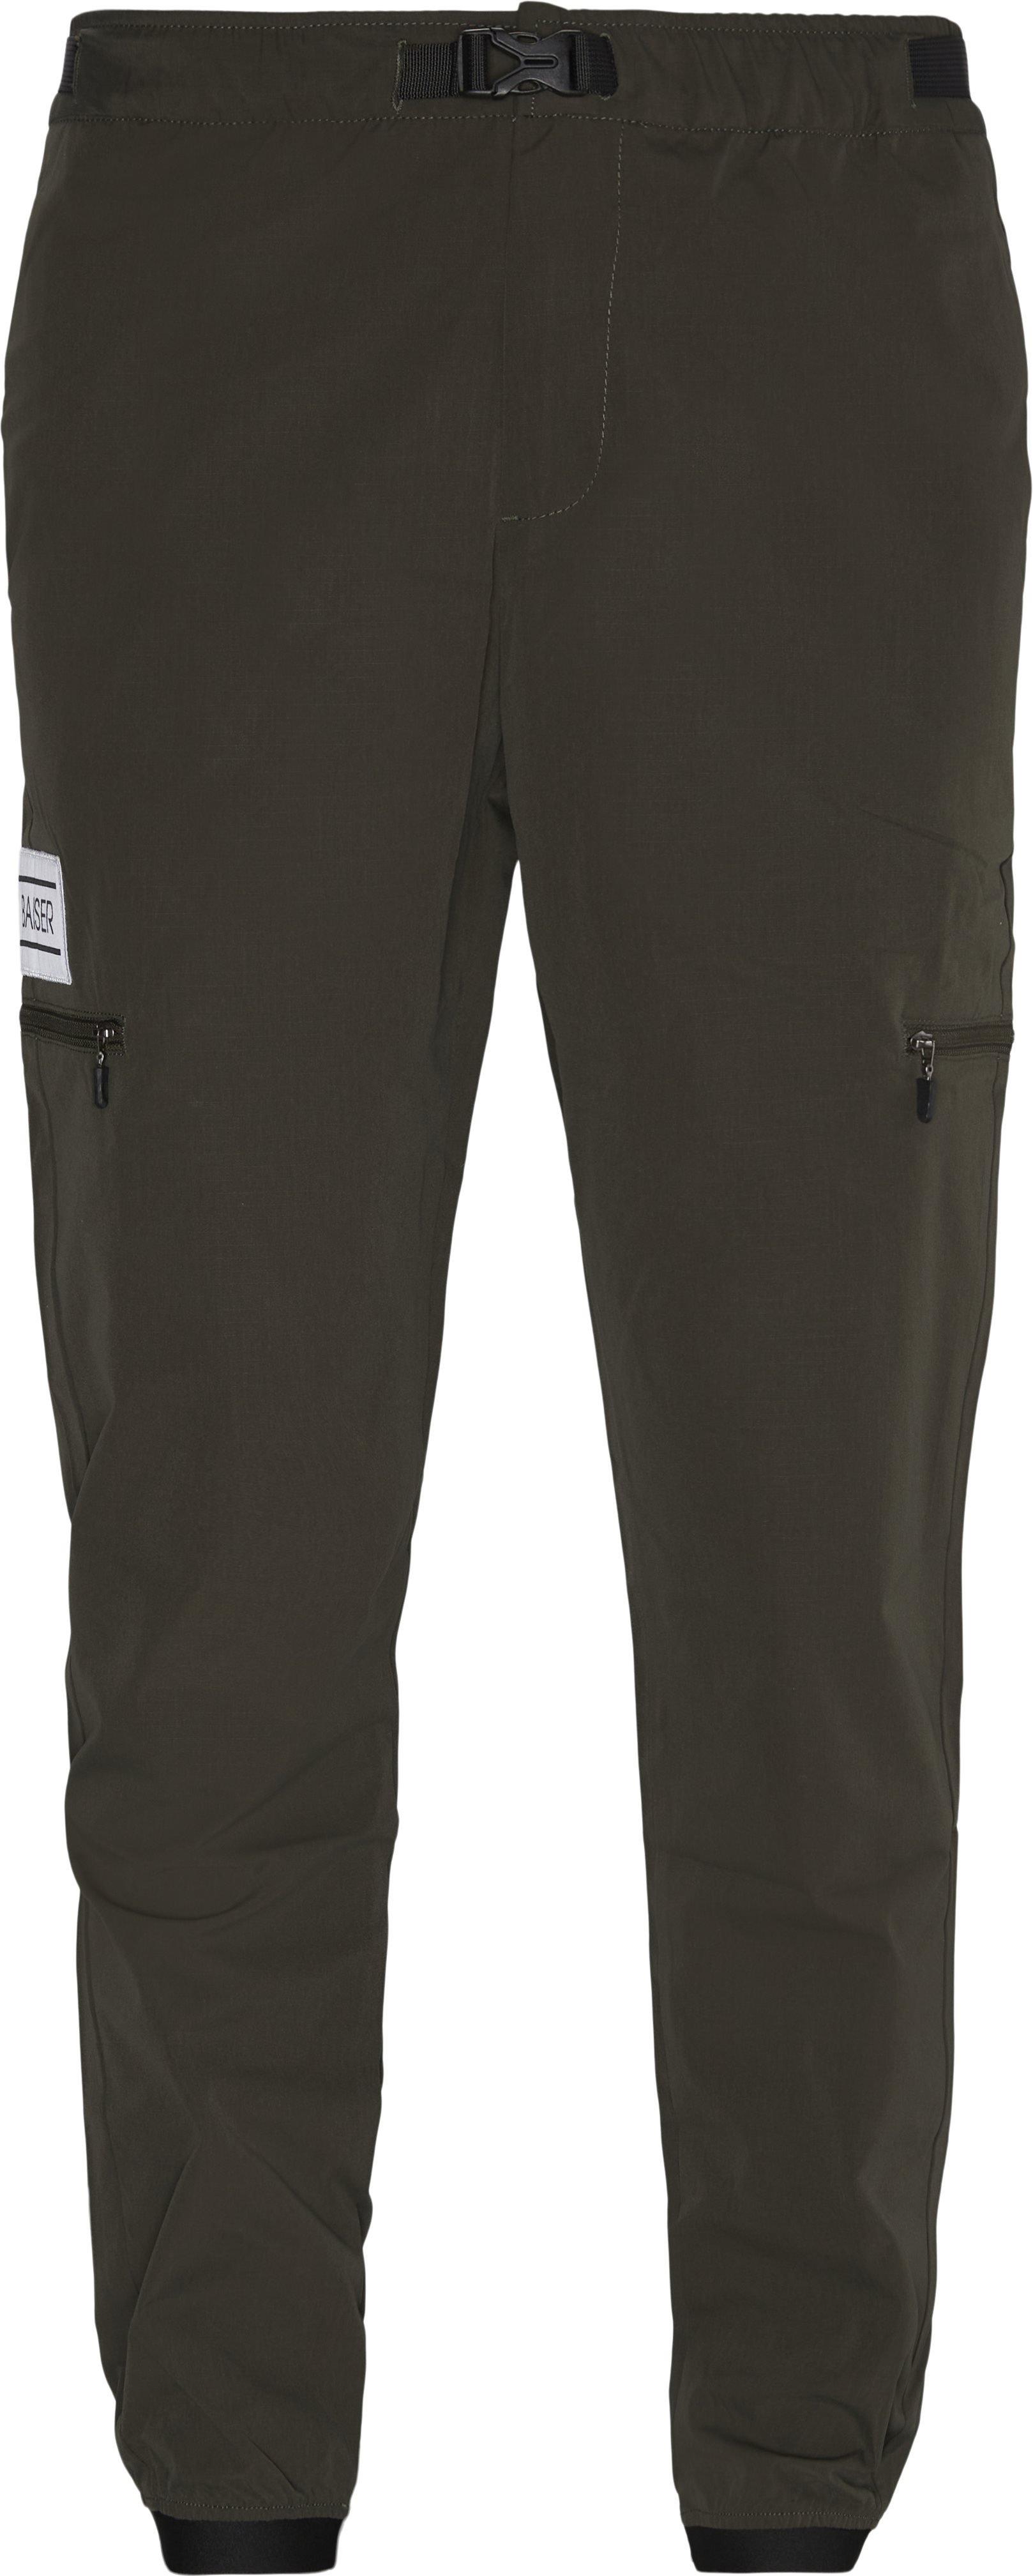 Normandie Pants - Bukser - Regular - Army